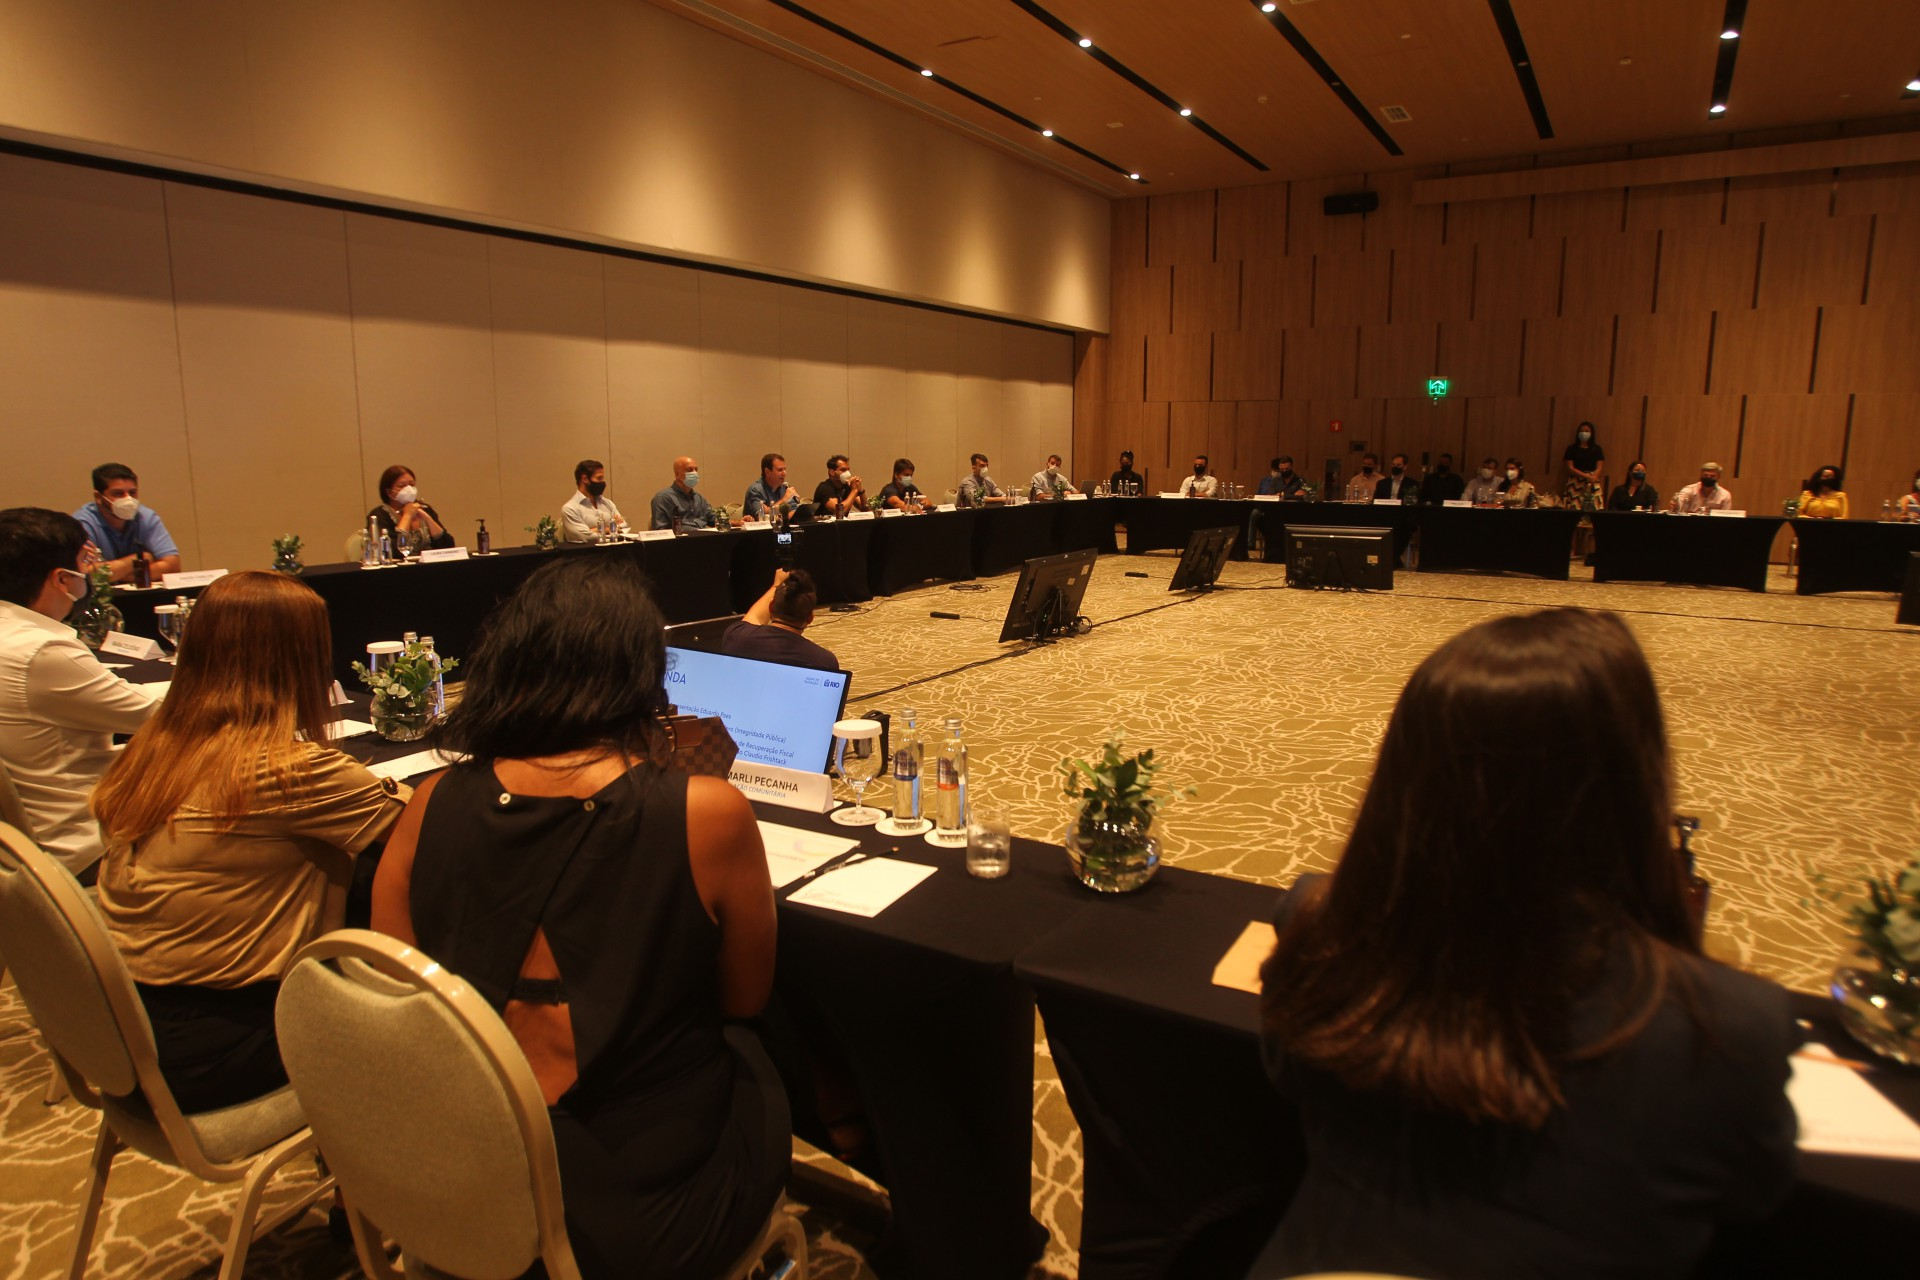 Reunião do prefeito eleito Eduardo Paes com seu secretariado - Estefan Radovicz / Agencia O Dia